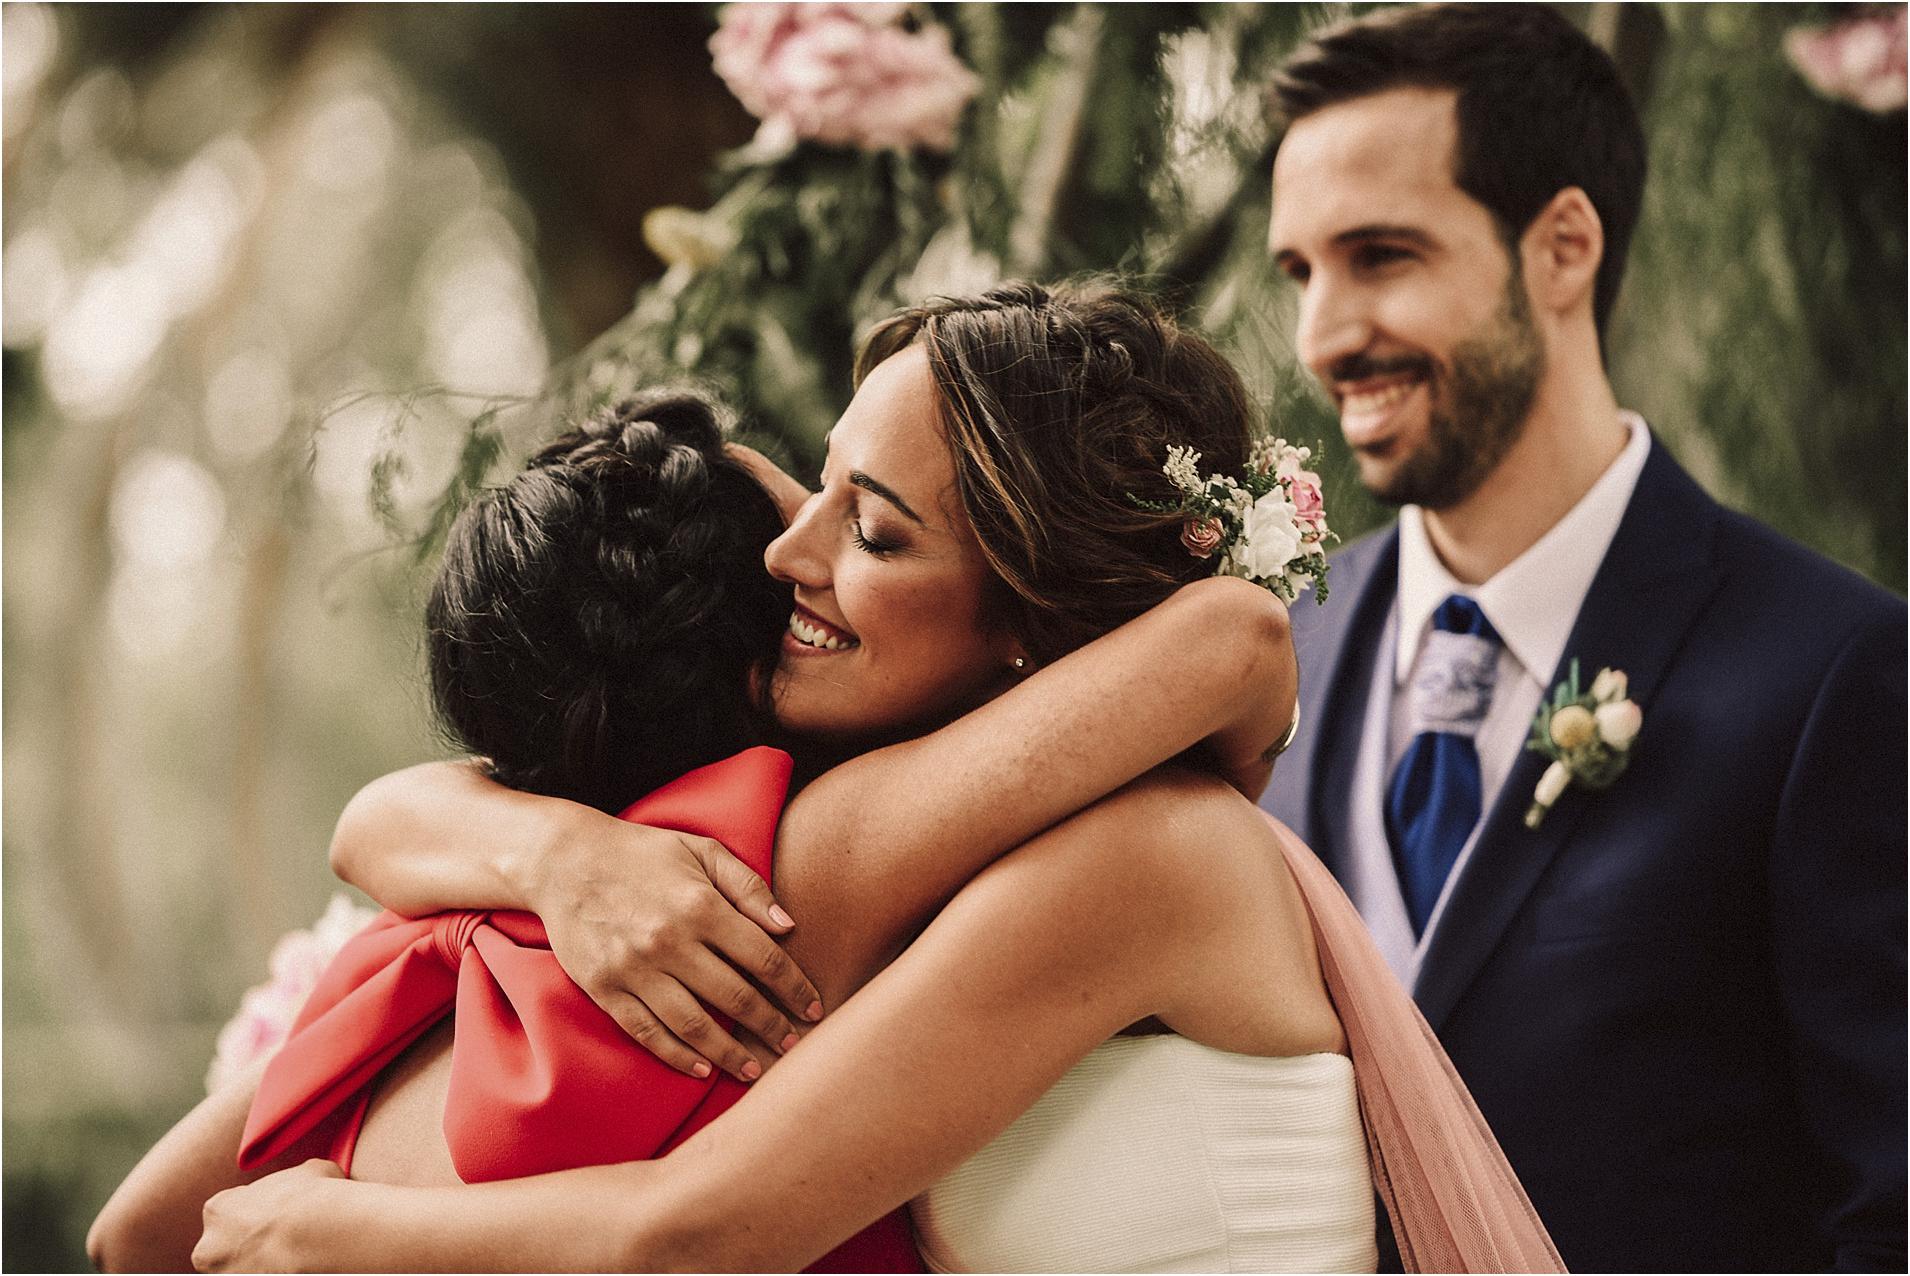 Fotografos-de-boda-donostia-zaragoza-san-sebastian-destination-wedding-photographer-51.jpg